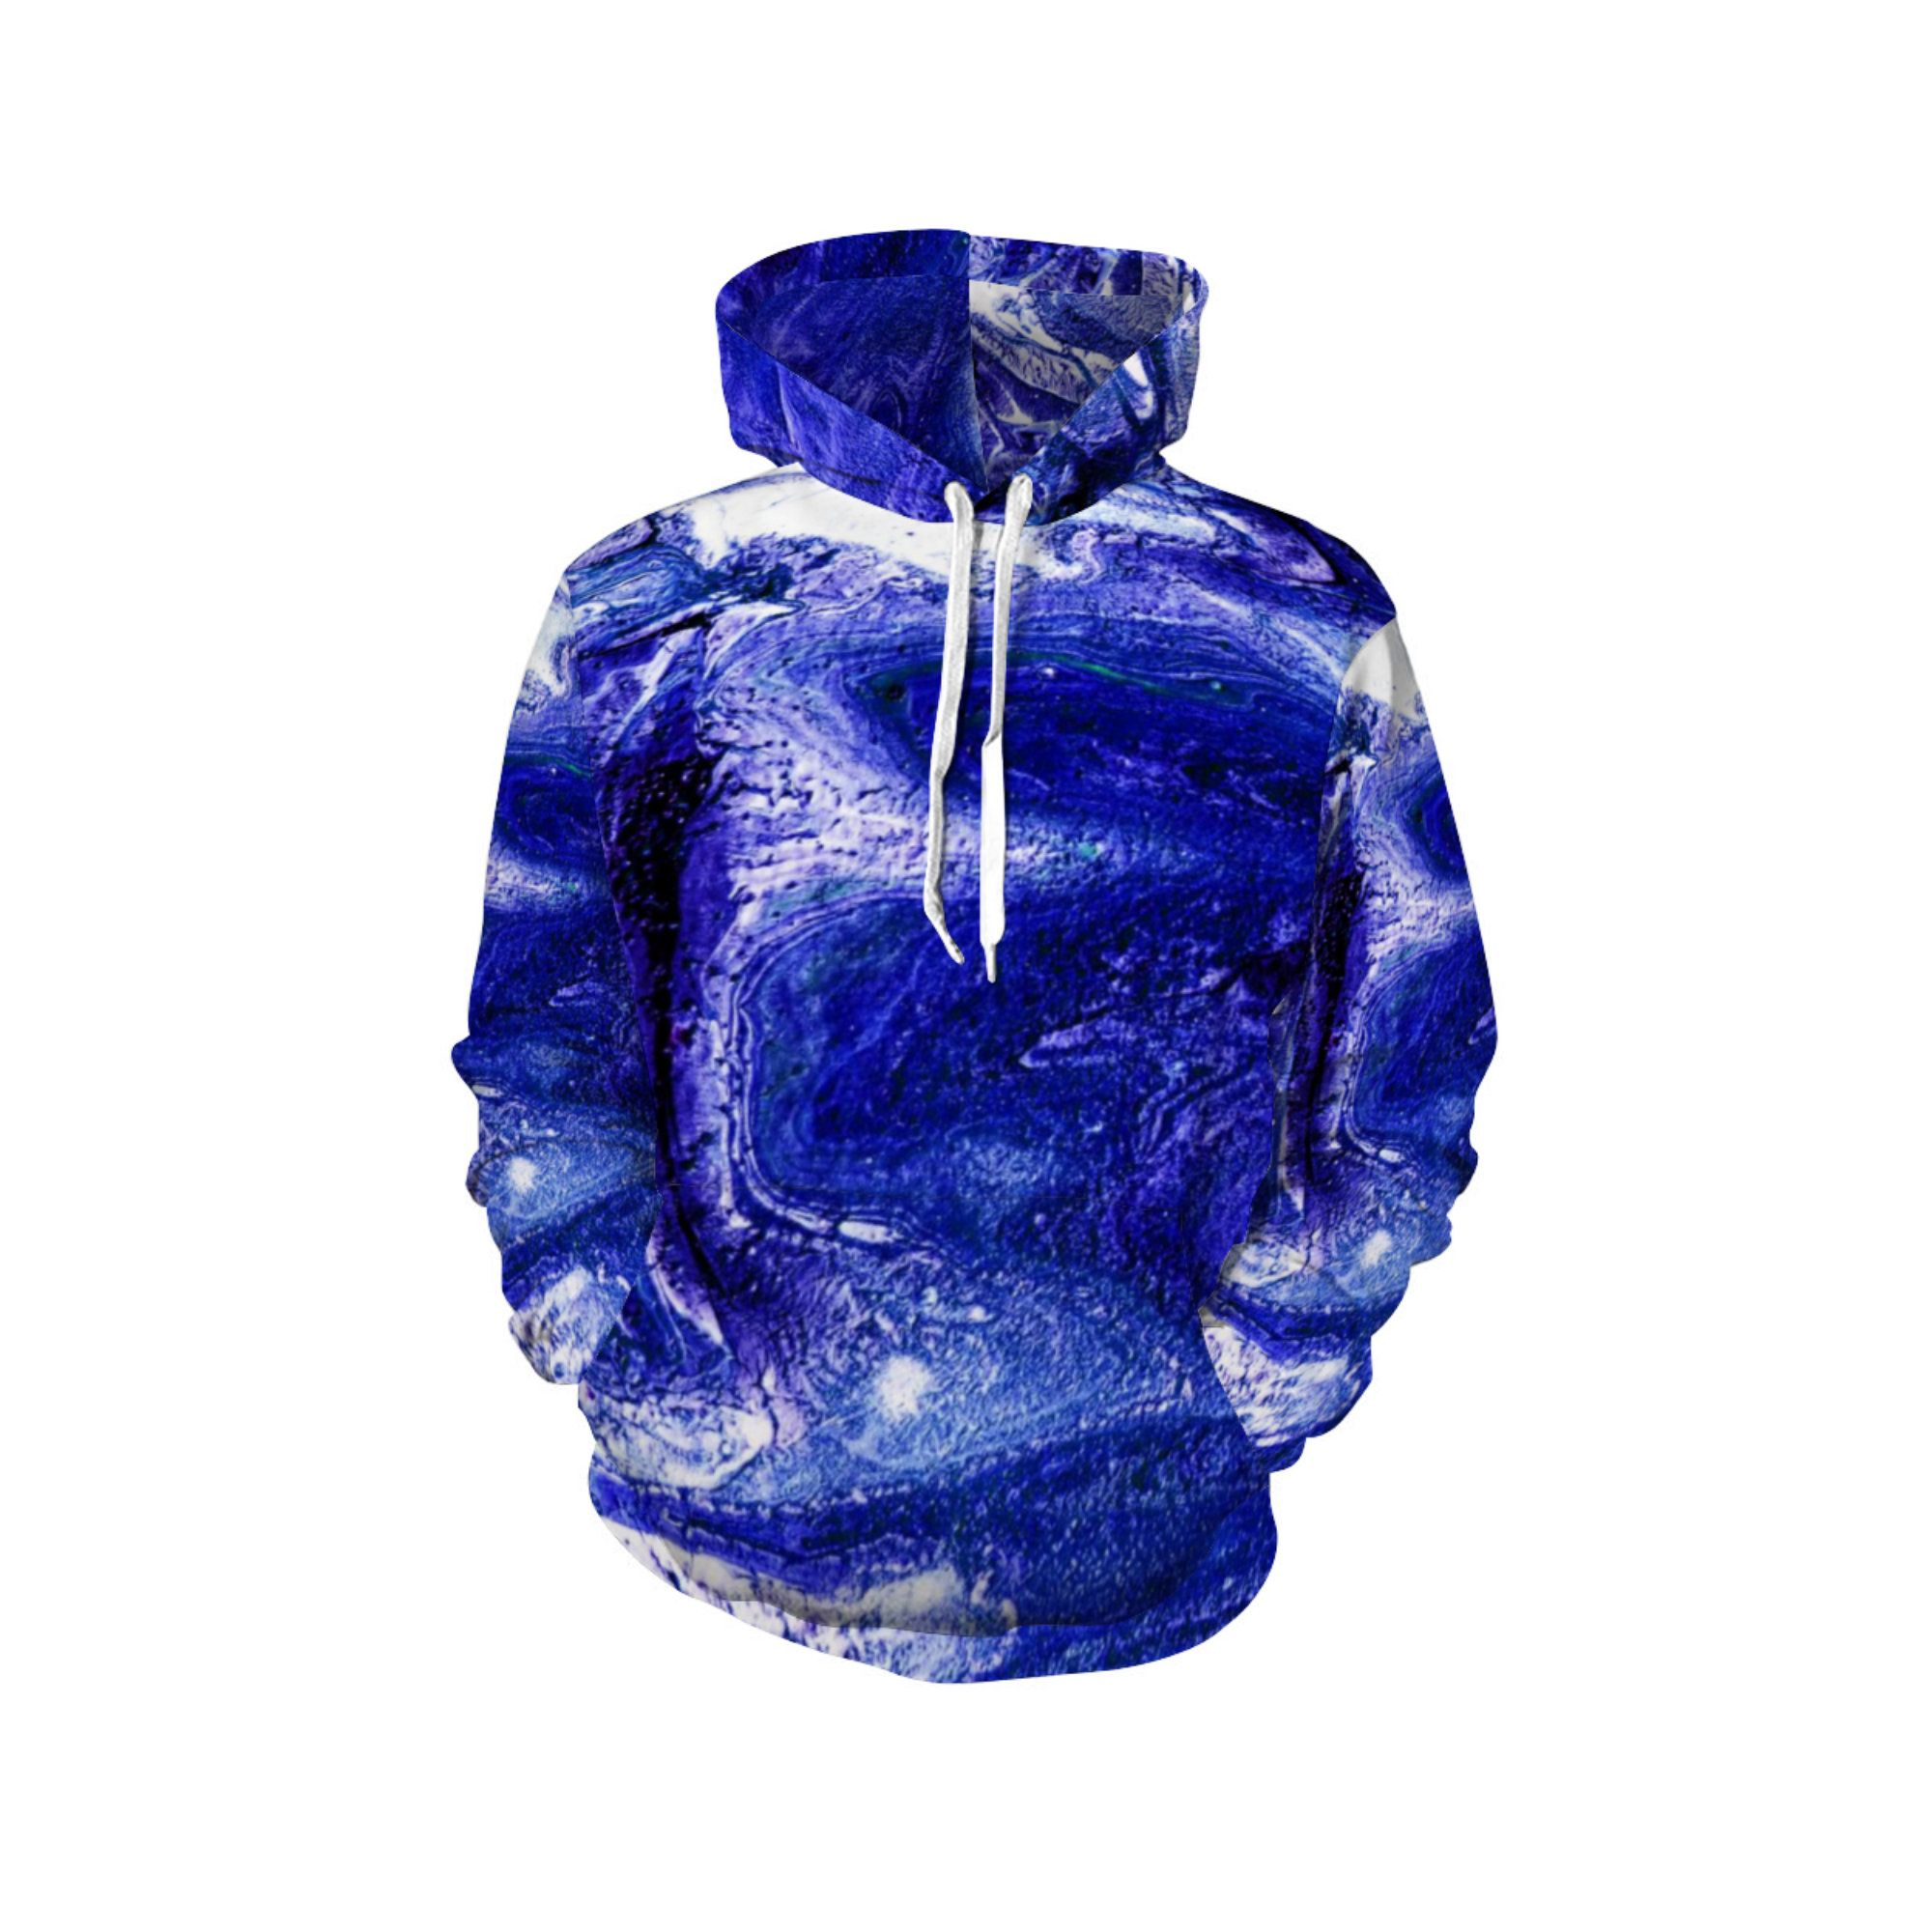 Tie Dye Hoodie Vintage Sweatshirt Custom Hoodie Tie Dye Sweatshirt Vaporwave Hoodie Women Bleach Tie D In 2020 Tie Dye Hoodie Vintage Sweatshirt Tie Dye Sweatshirt [ 2000 x 2000 Pixel ]